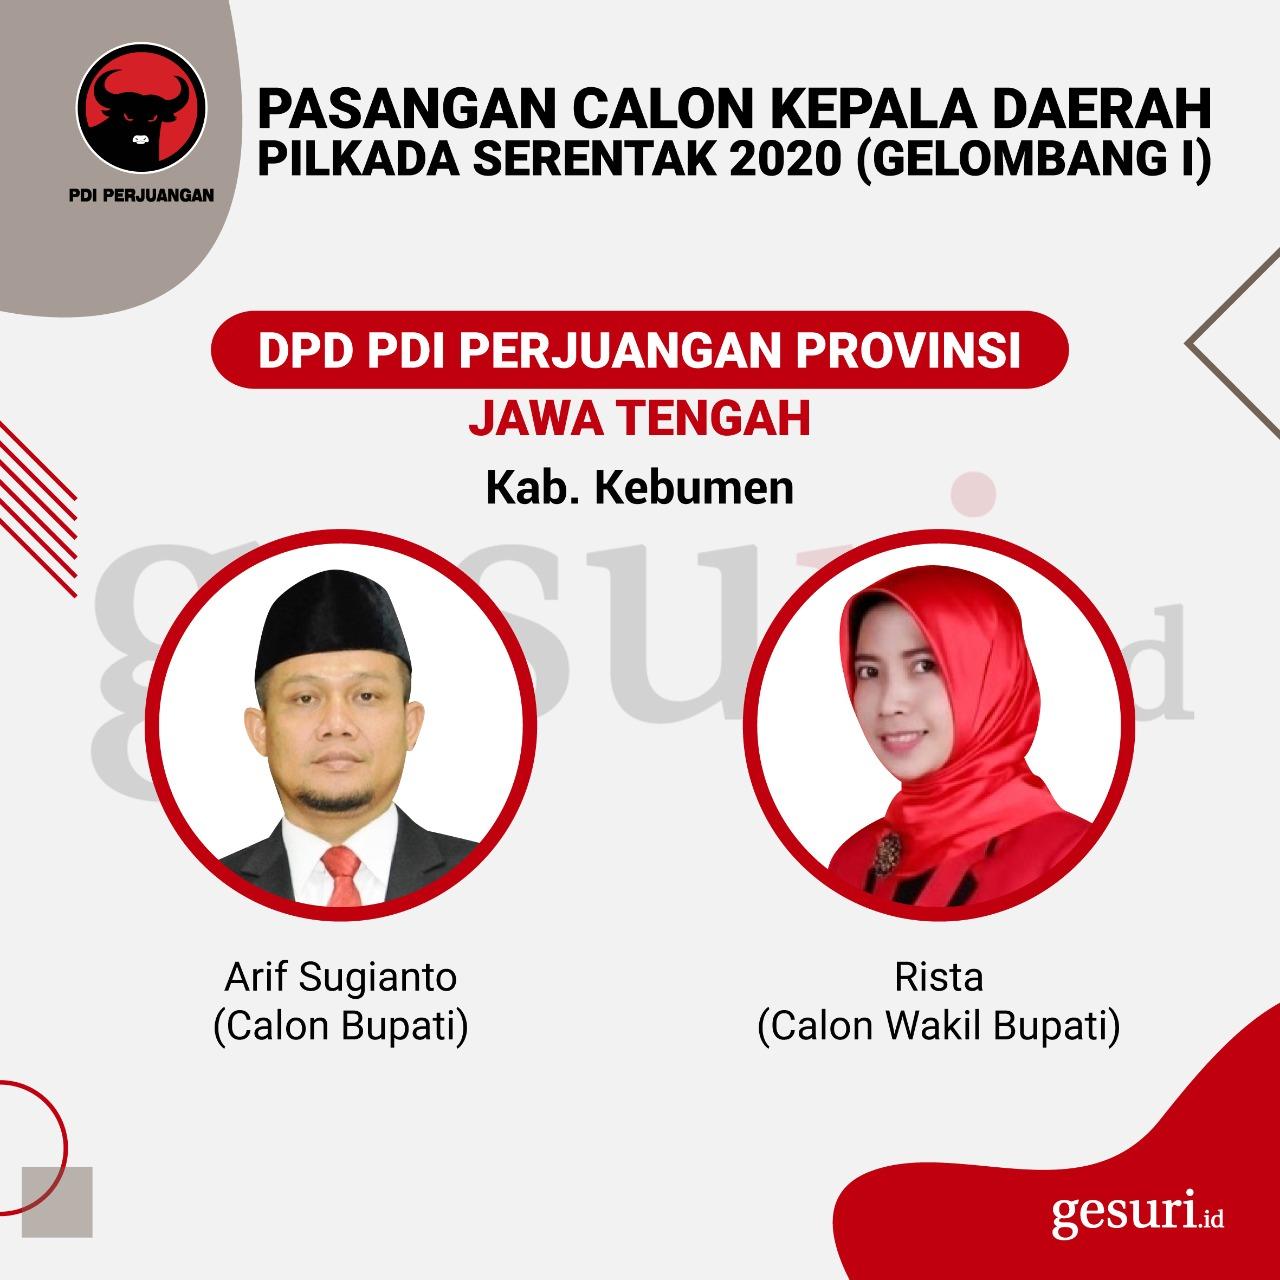 Pasangan Calon Kepala Daerah Pilkada 2020 Kabupaten Kebumen